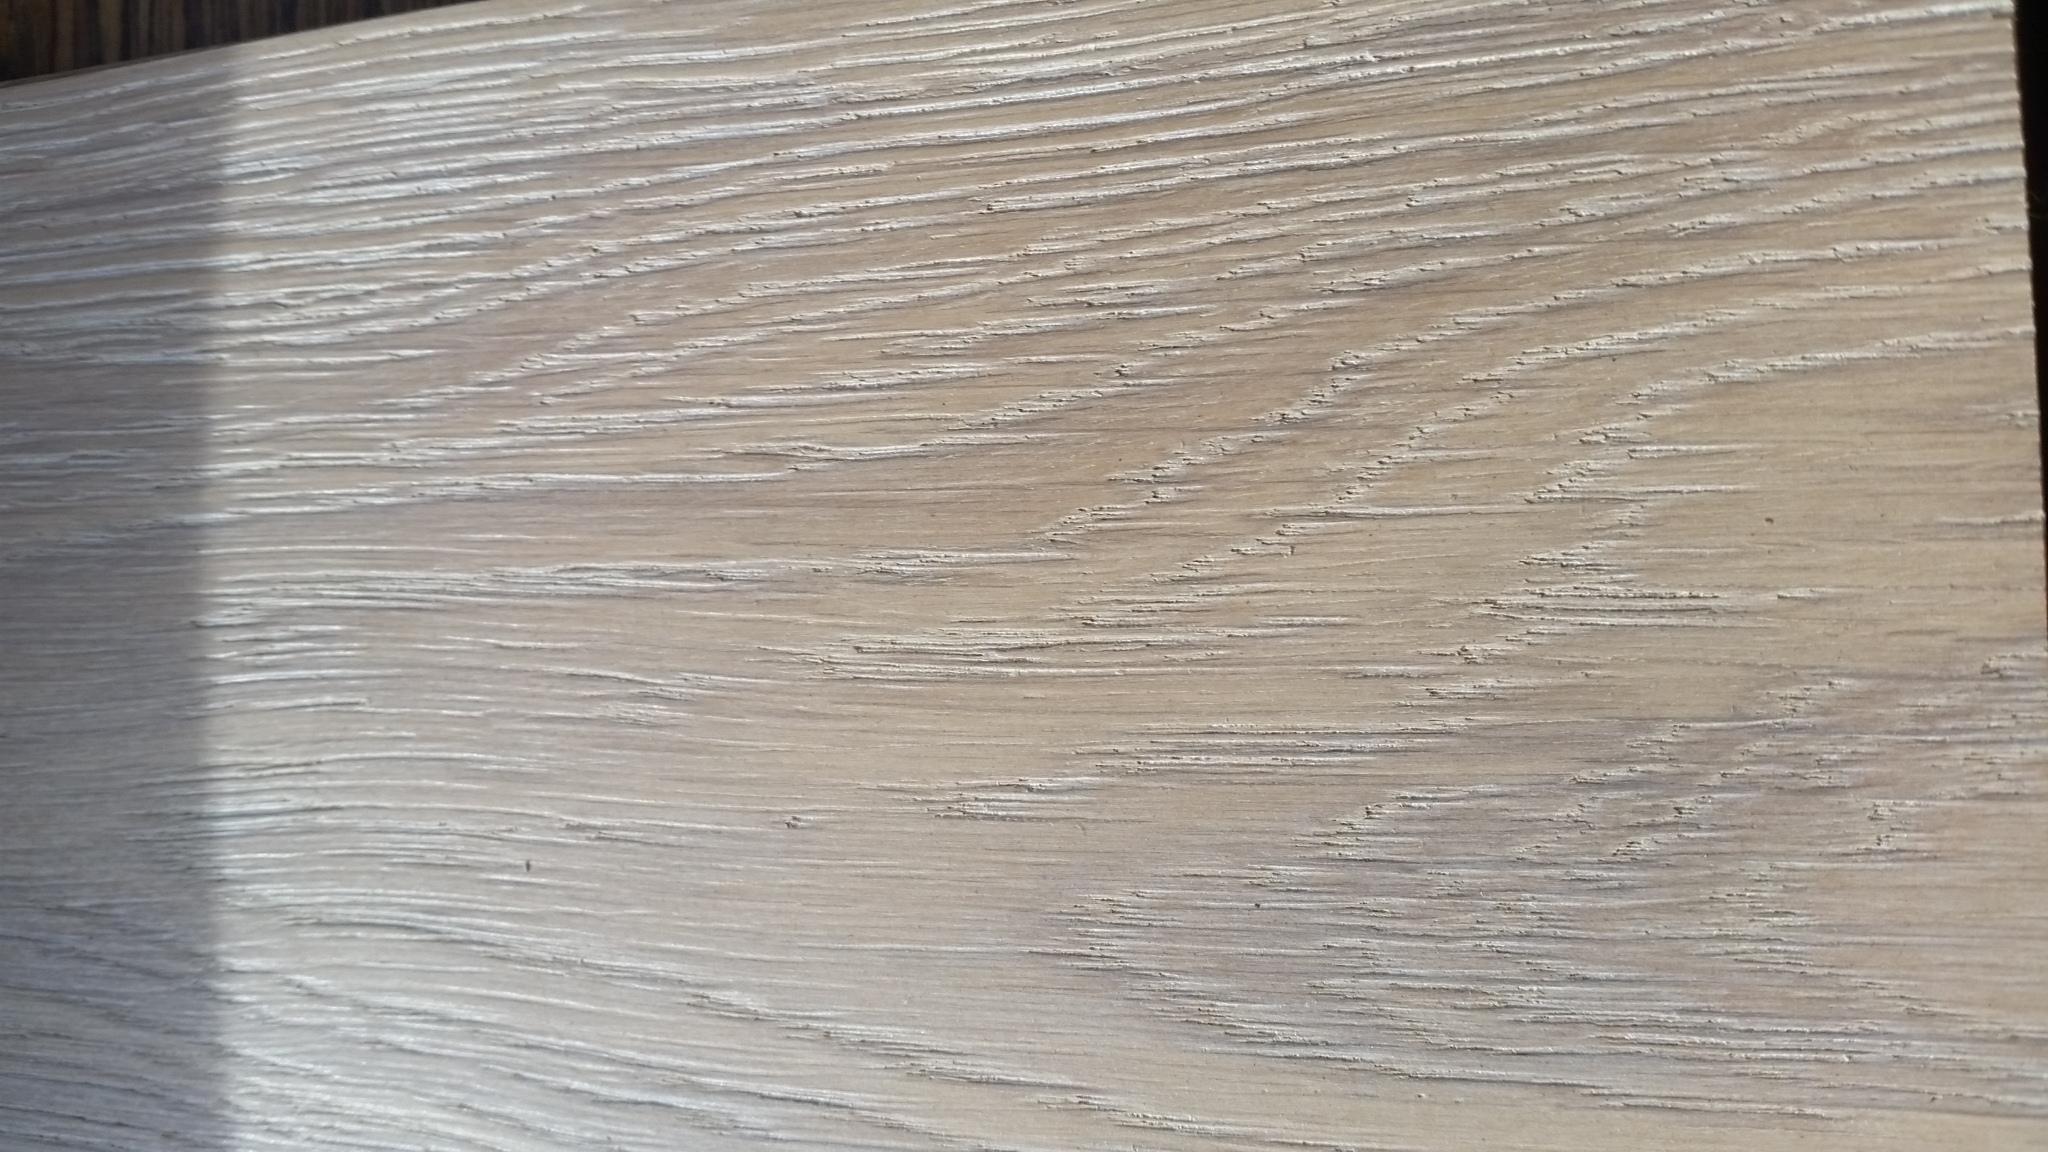 Saicos õlitoonid | 3408 Ekstravalge harjatud Extrawhite brushed